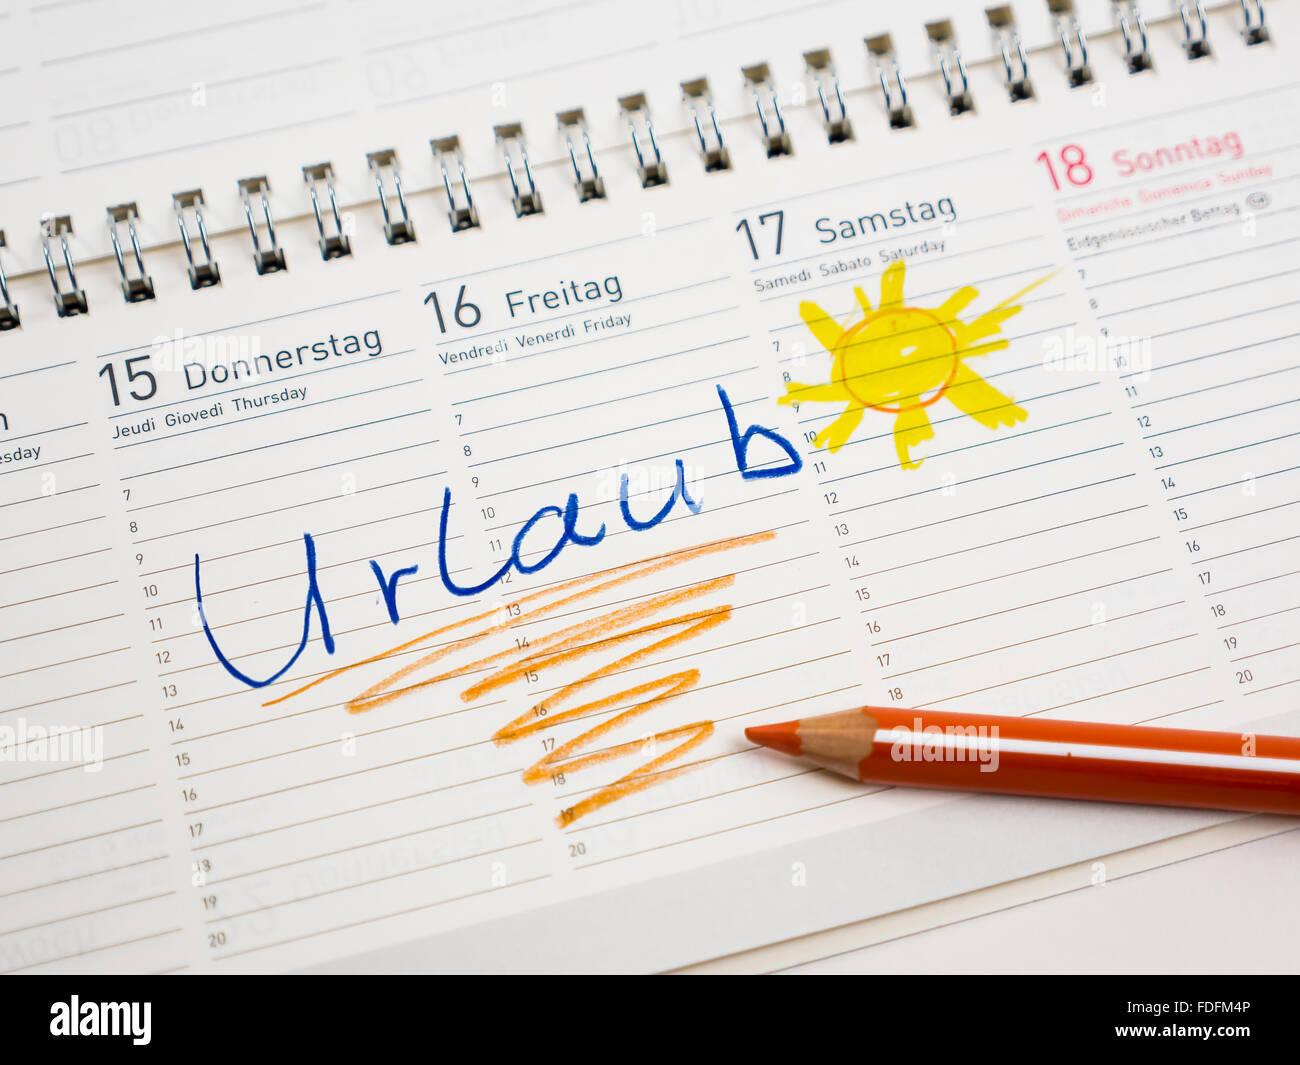 Kalender mit Datum, Urlaub oder Ferien, Urlaubsplanung Stockbild